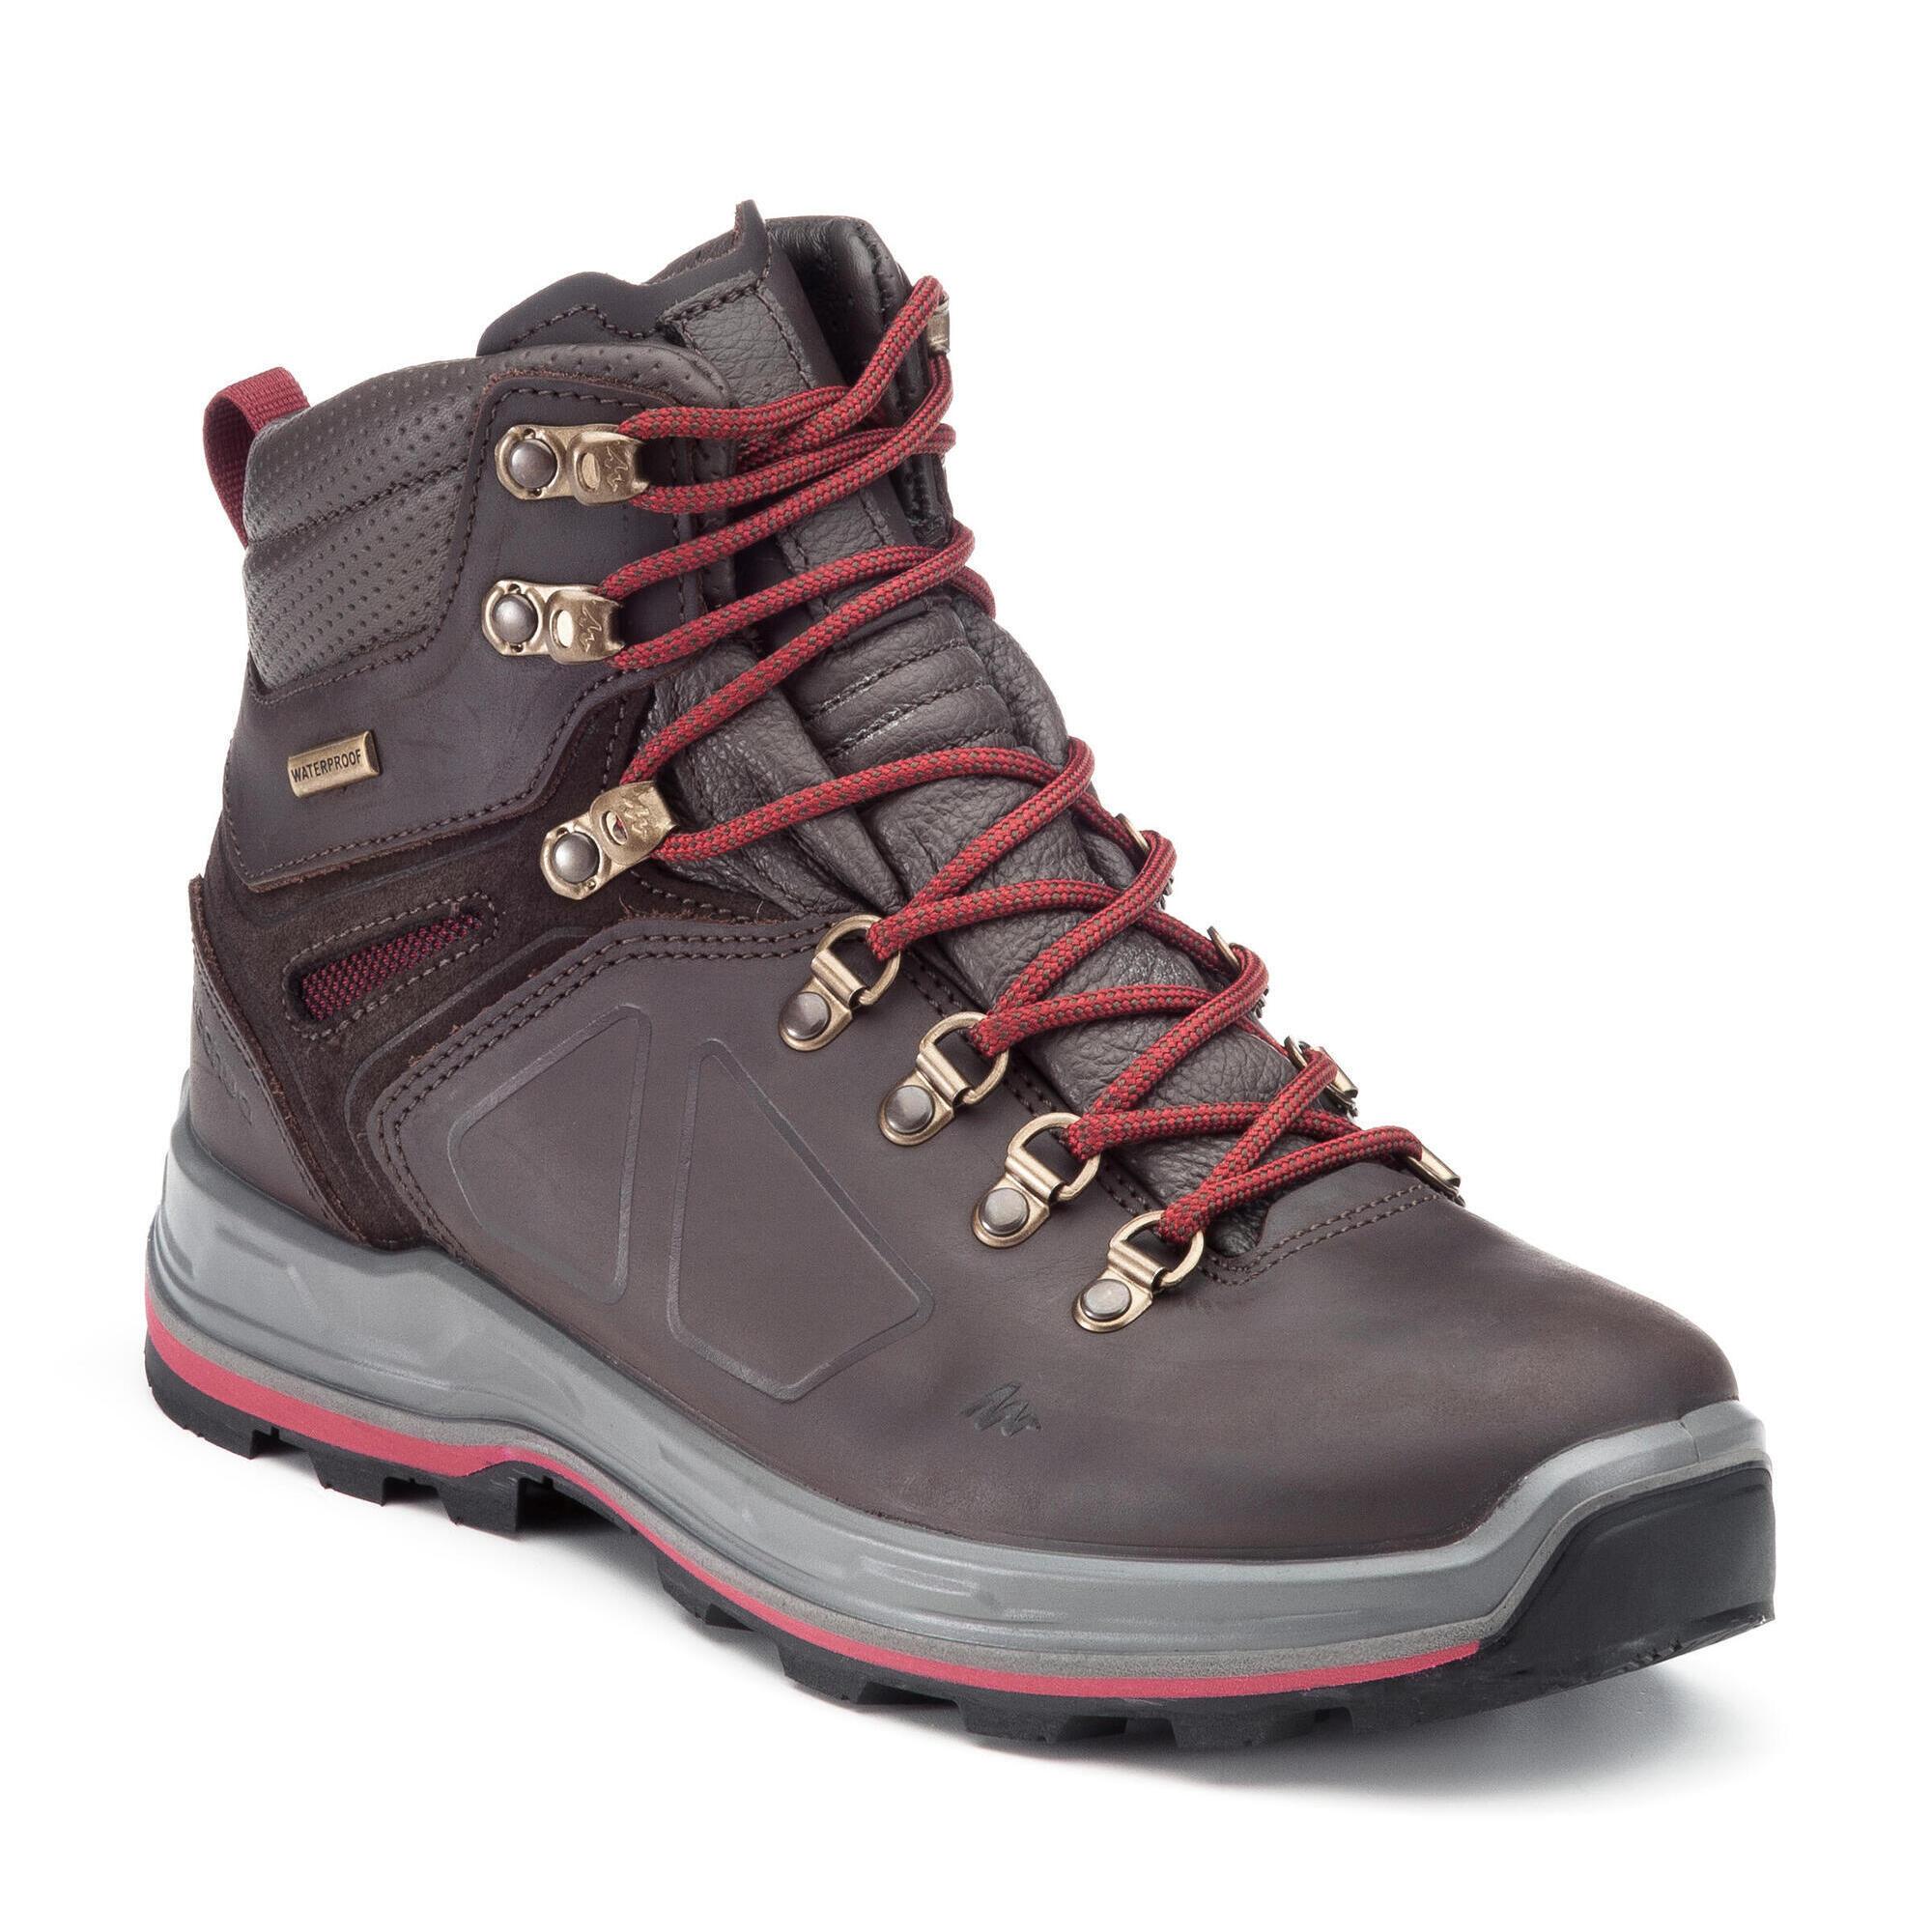 chaussure de trekking trek 500 femme quechua